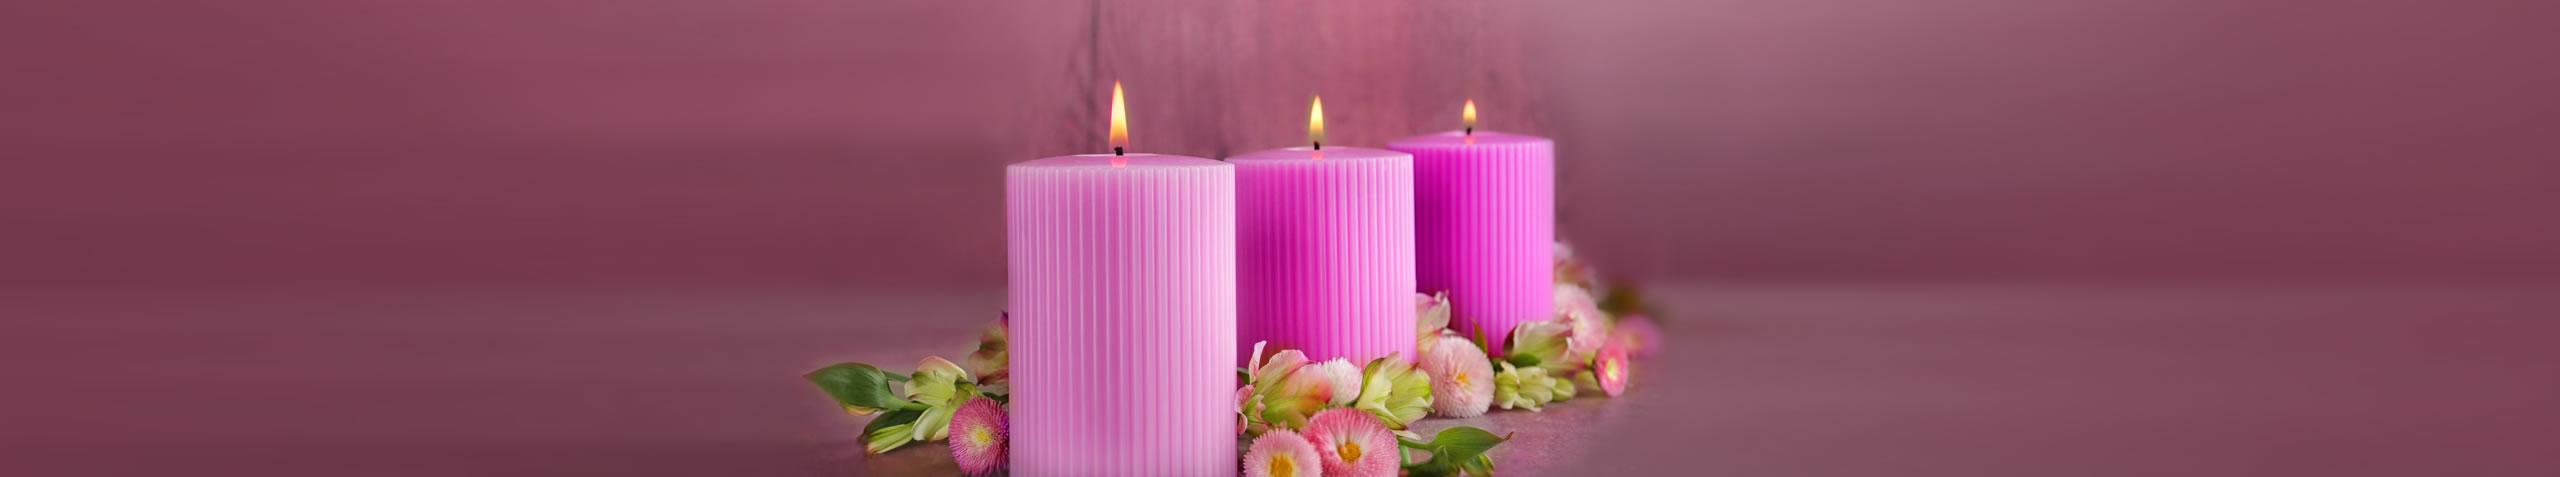 Kerzenshop, Kerzen online, Geschenkverpackungen, Geschenkideen, Tischdeko, Partydekoration, individuell und handgemacht